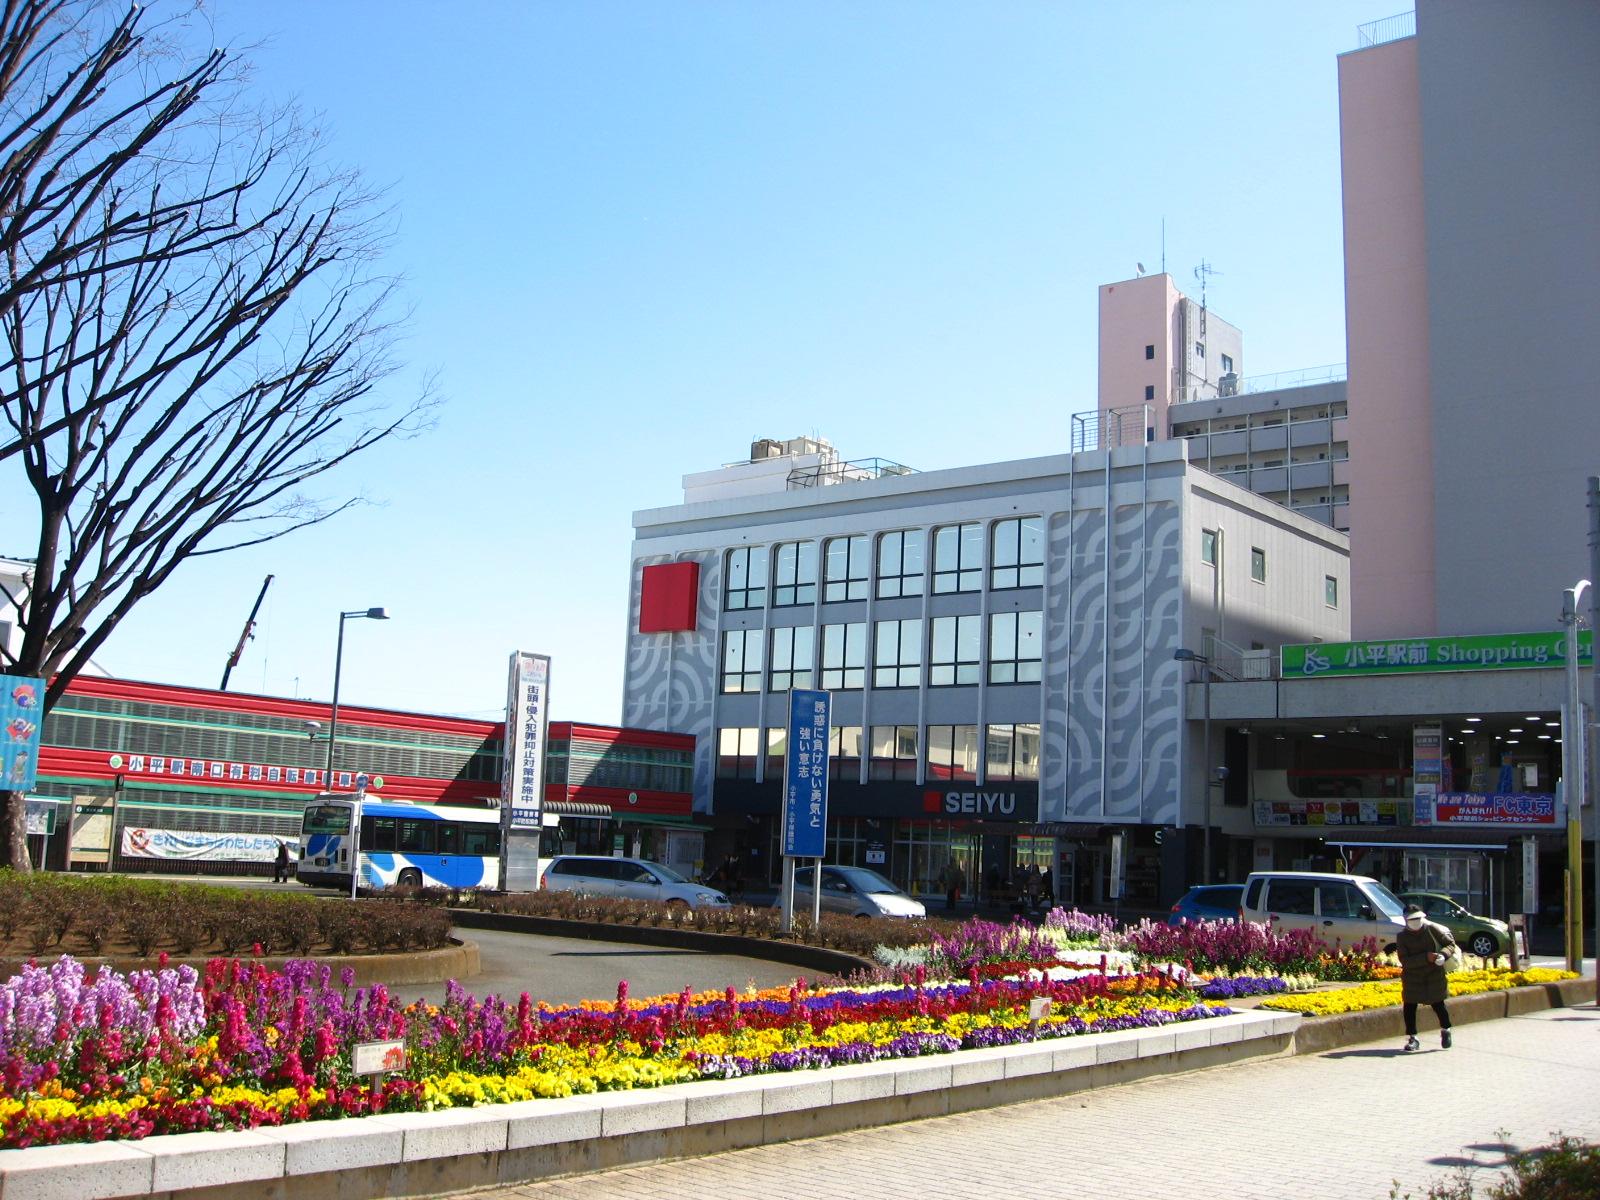 スーパー 西友小平店(スーパー)まで362m